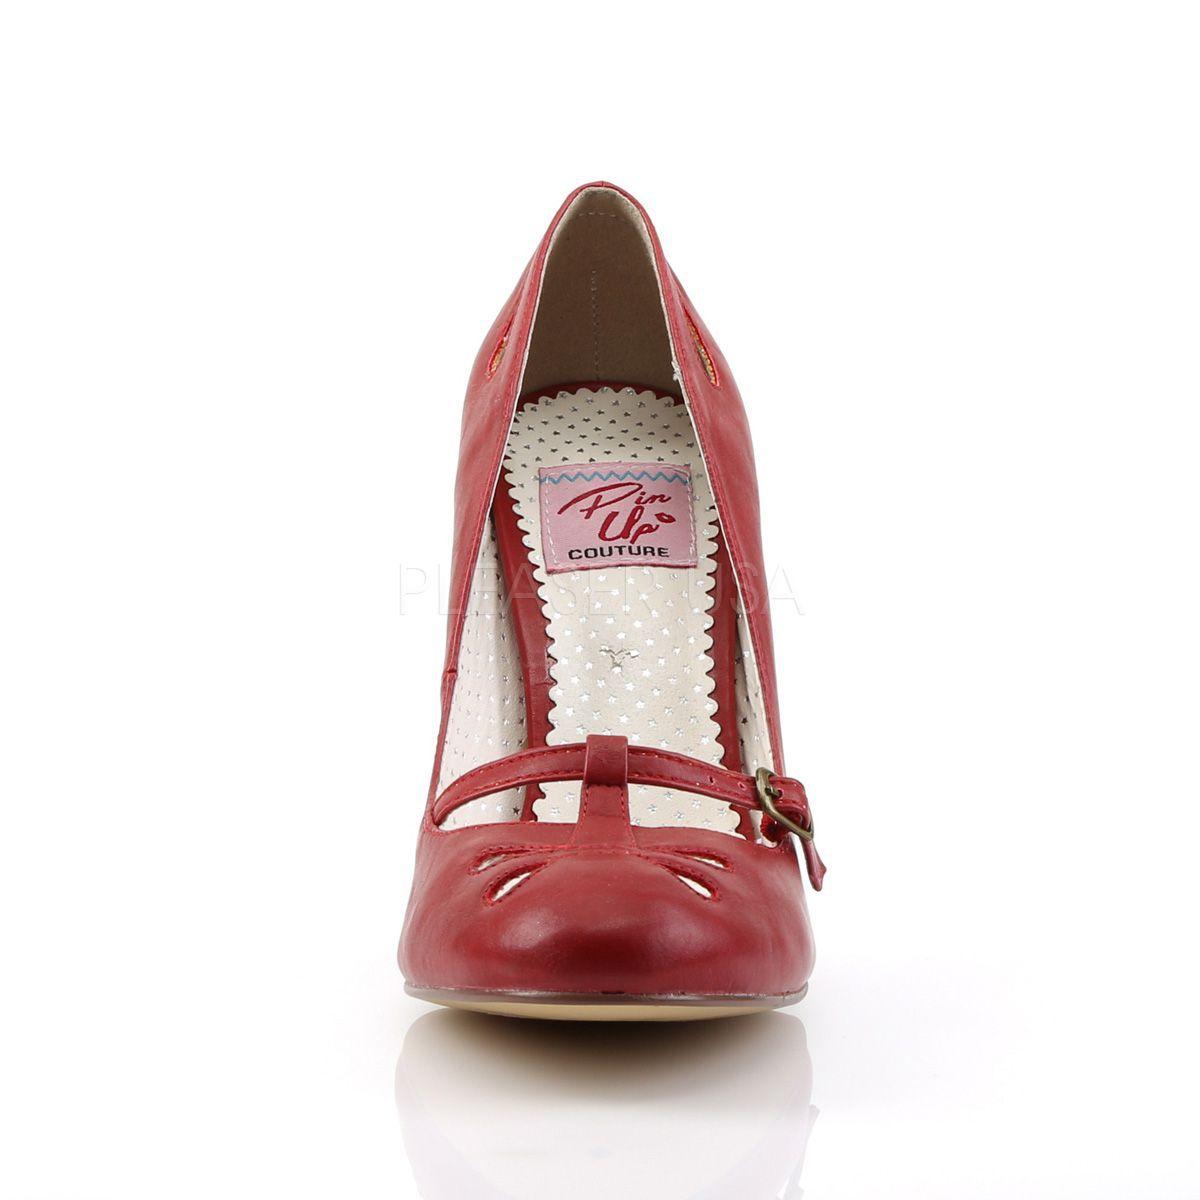 Zapatos estilo Pin Up Couture de polipiel con correa sobre los dedos